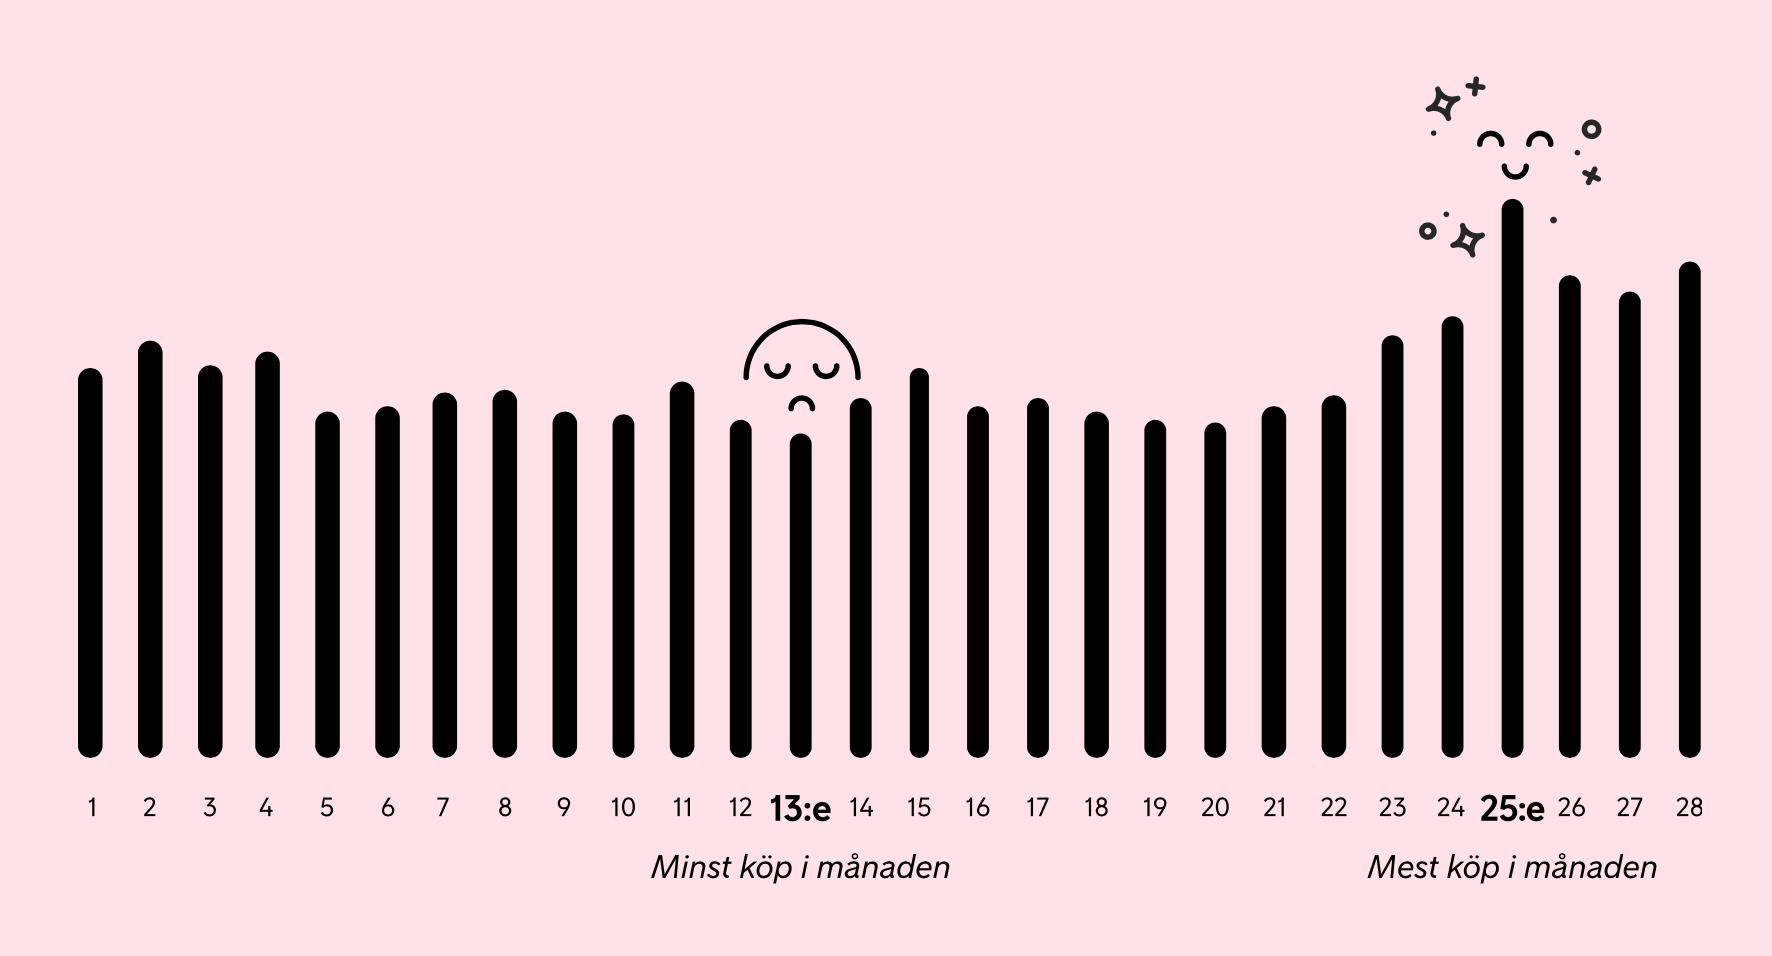 Vilken dag i månaden som svenskarna shoppar som mest på nätet